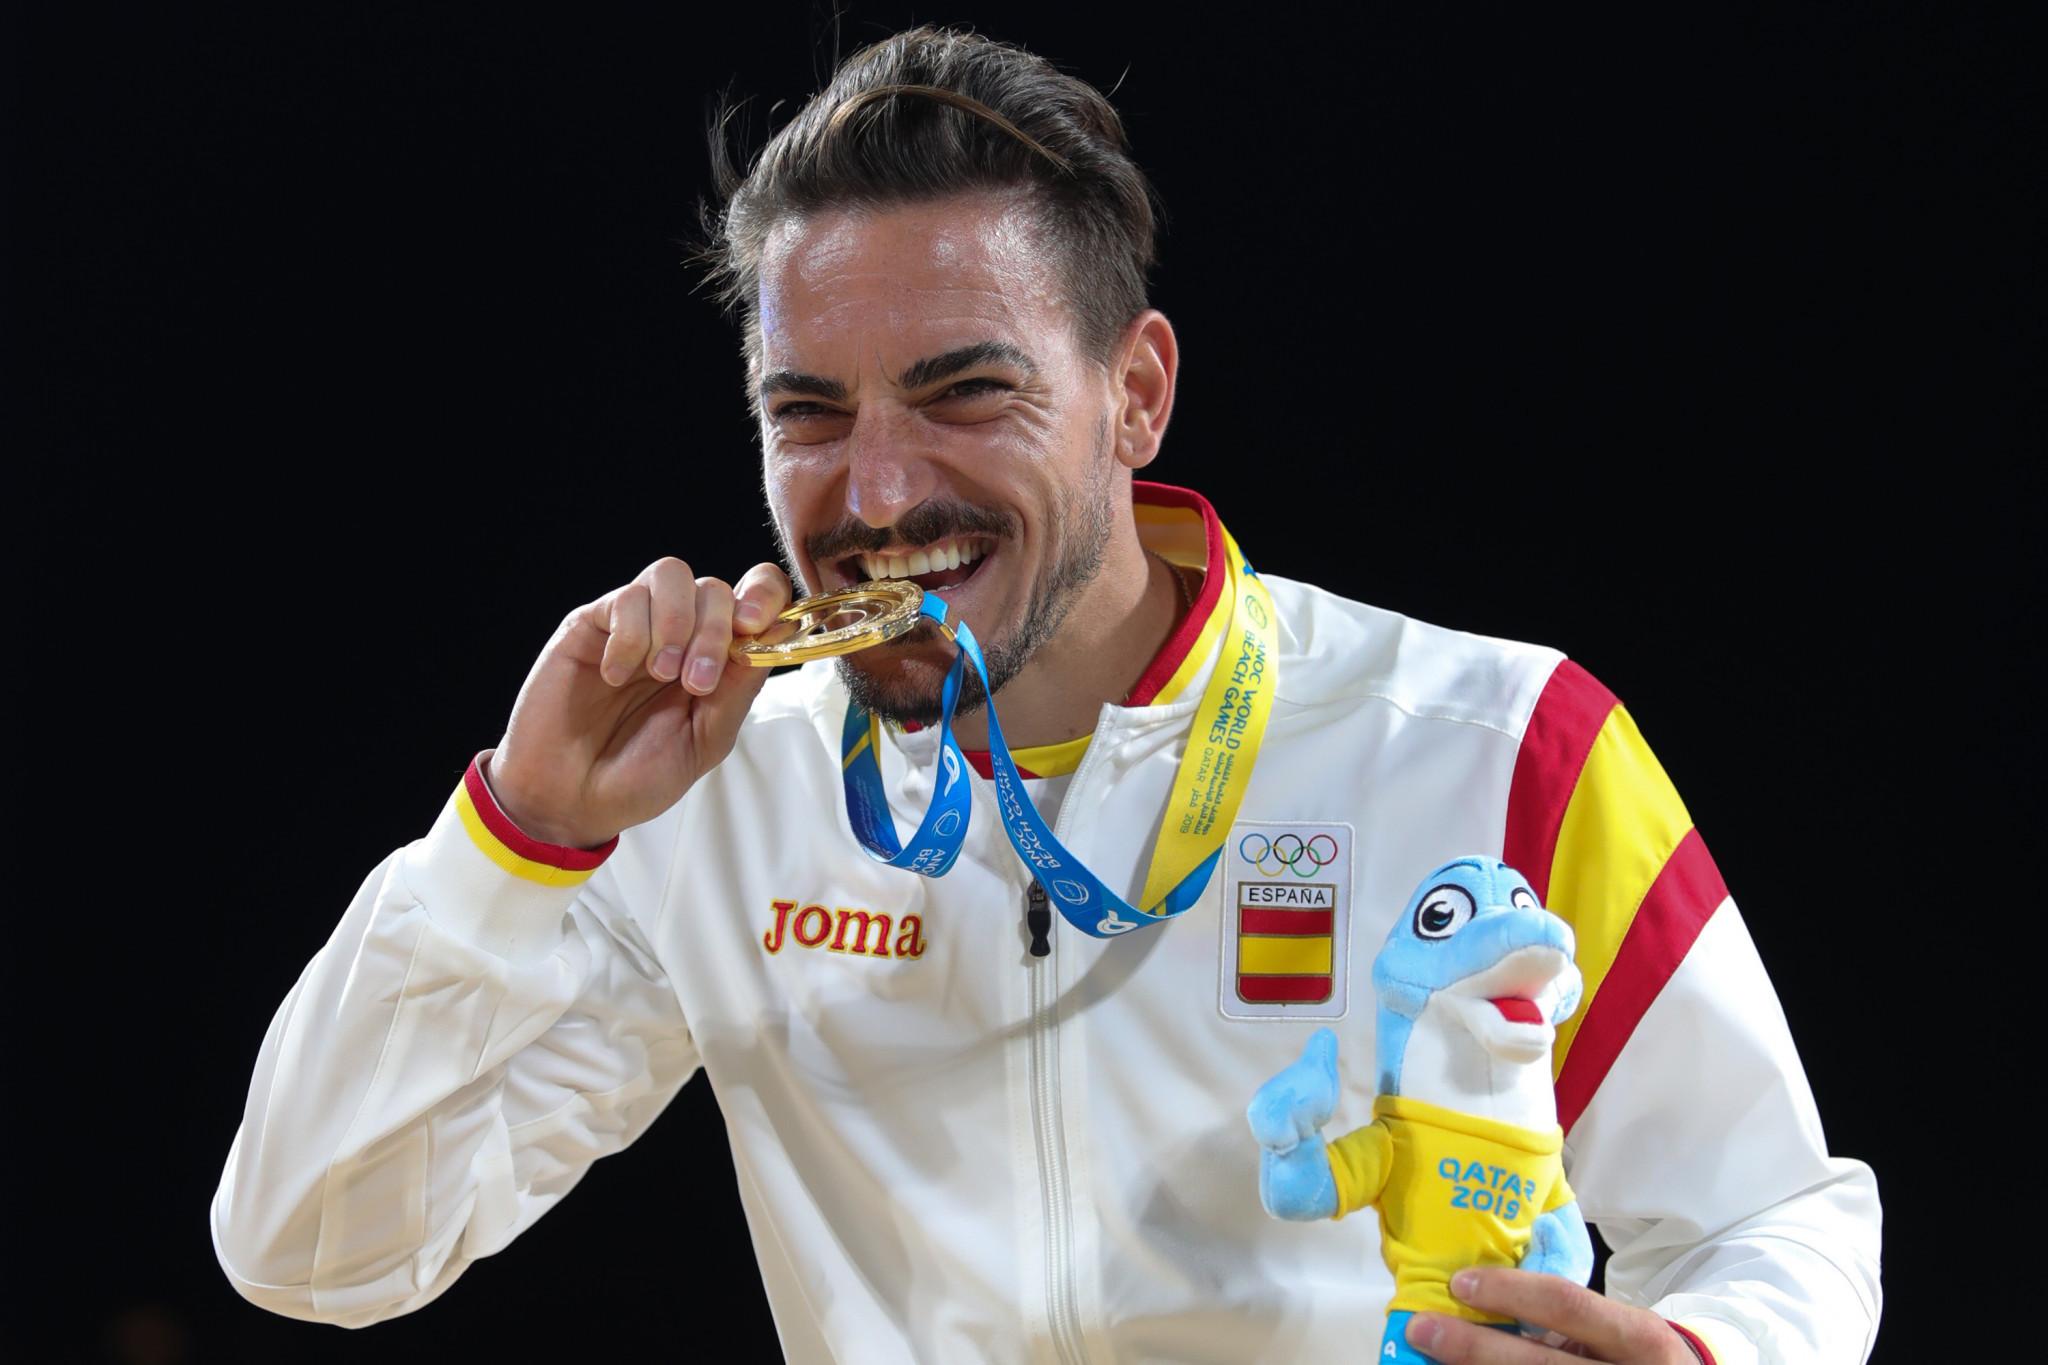 Damian Quintero won the men's karate kata for Spain ©ANOC